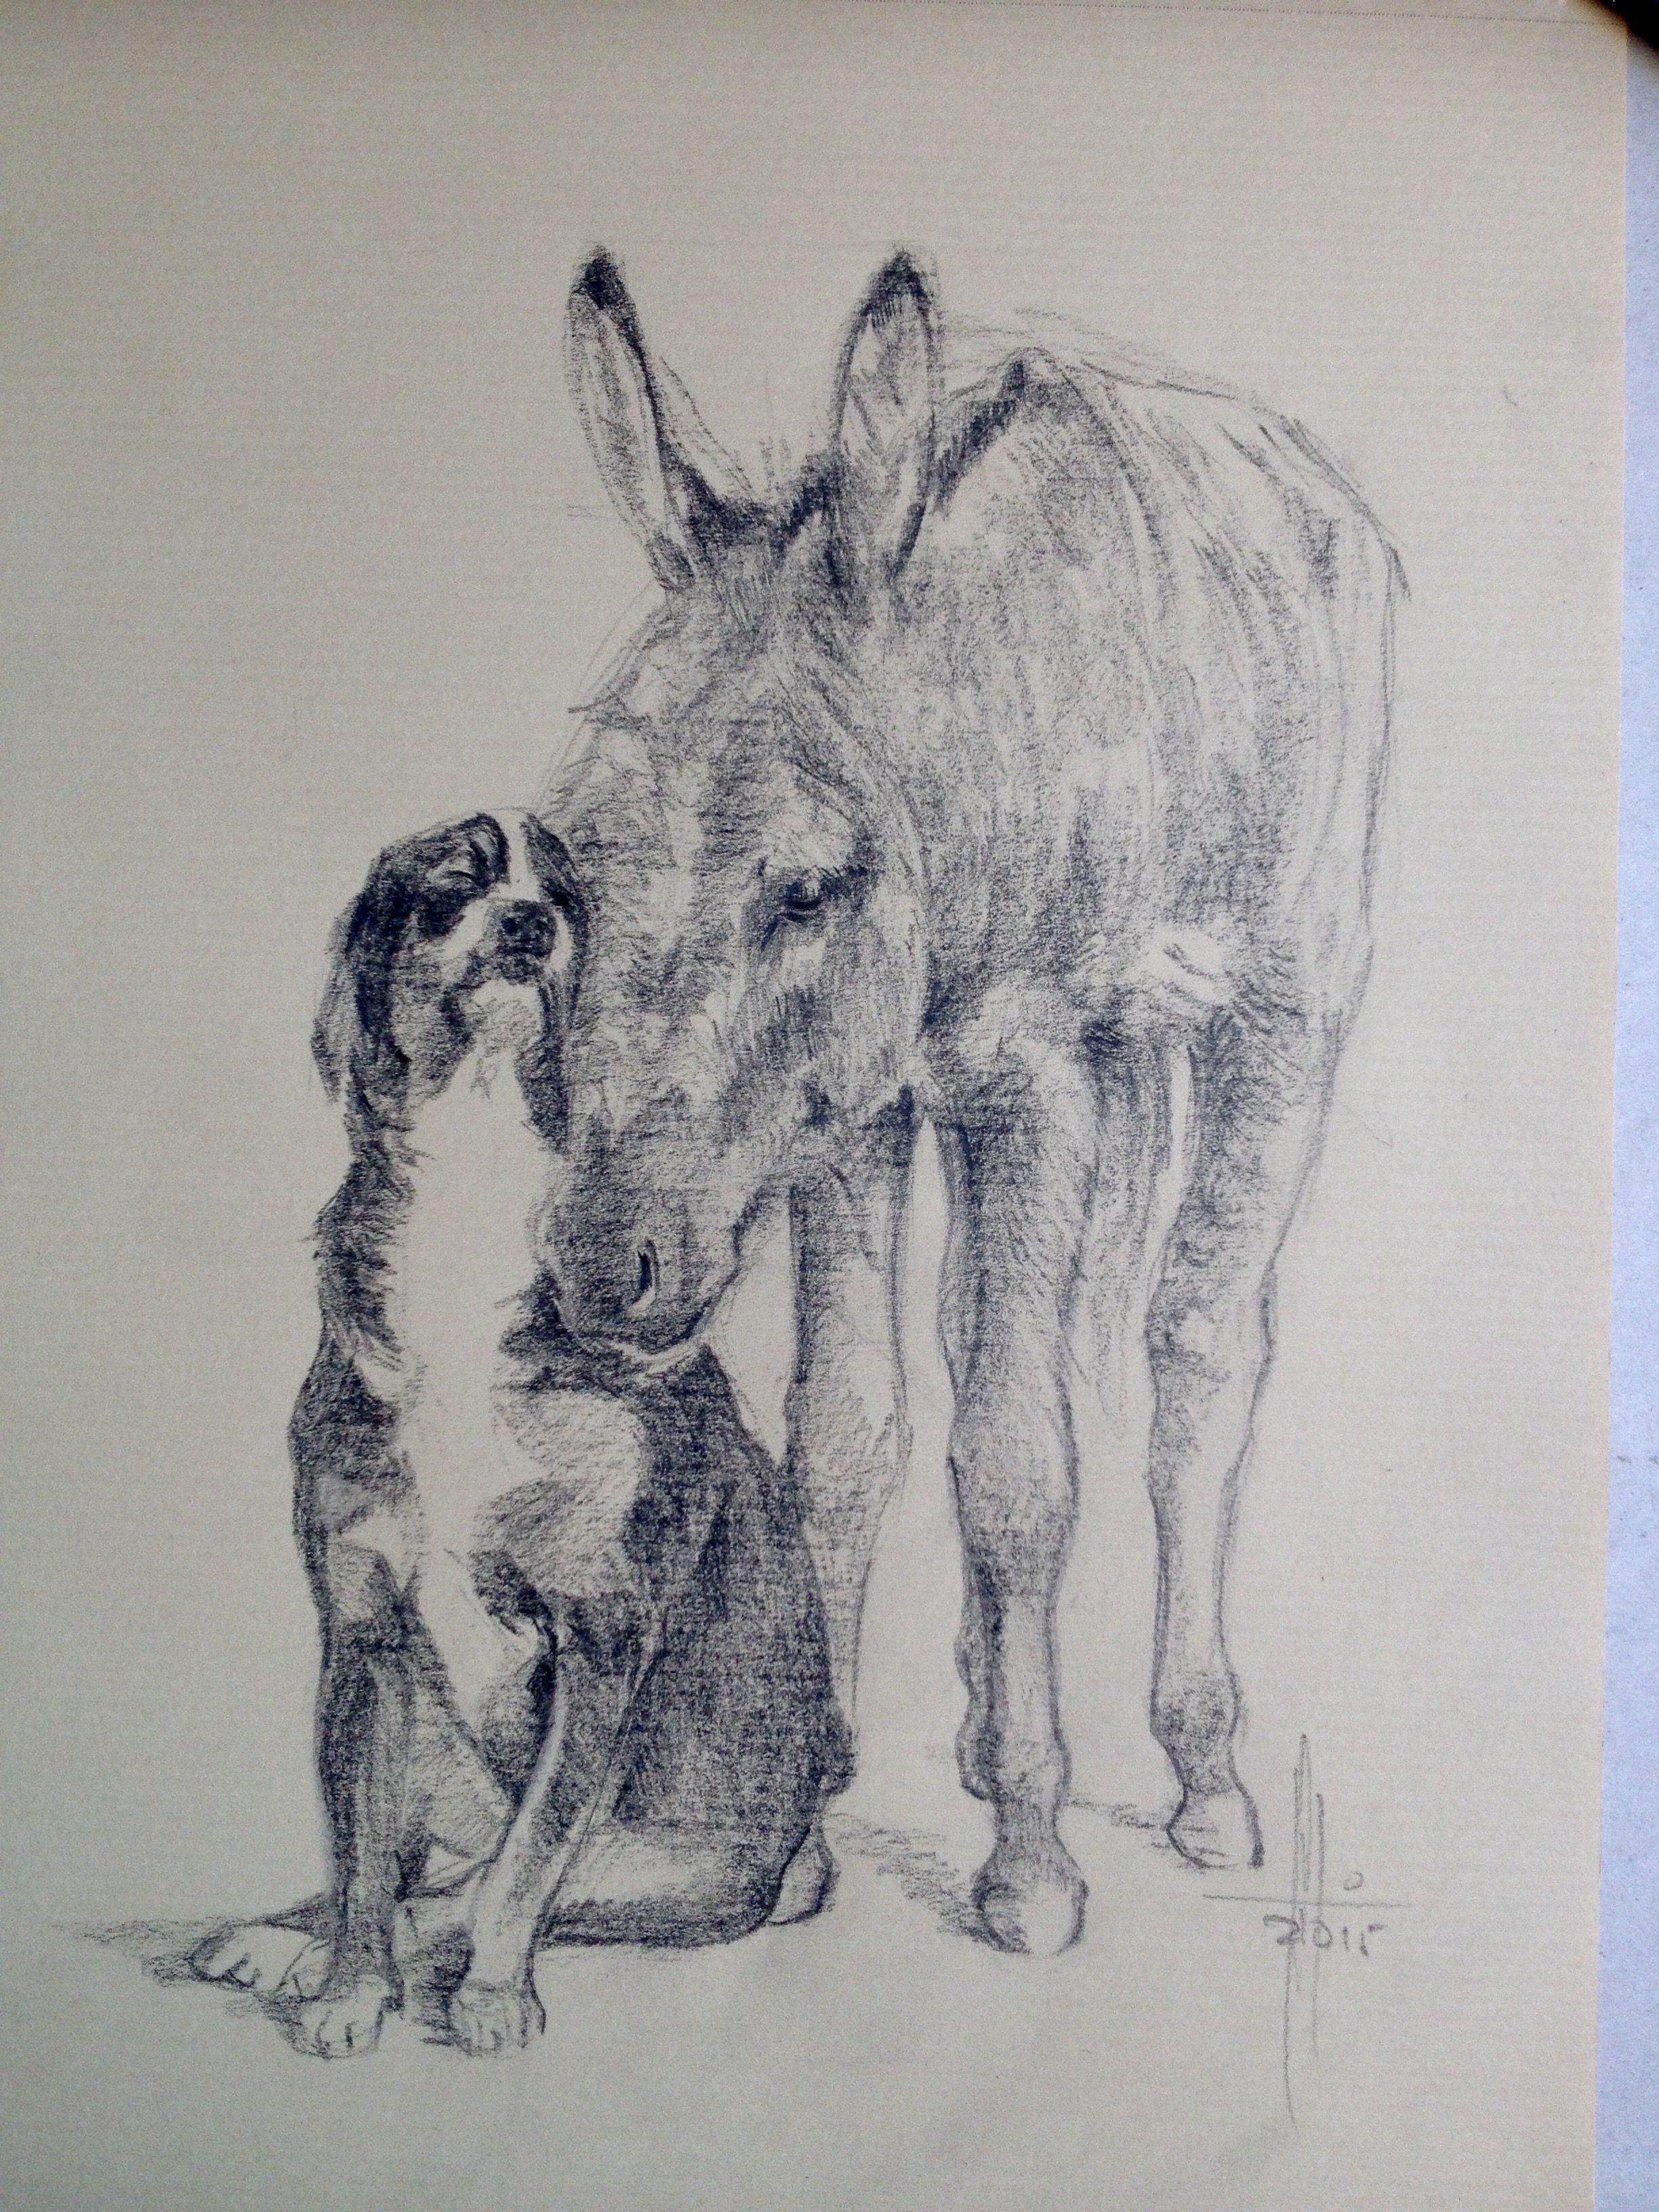 Dibujo de burro con perro carbn graso sobre Papel Canson A4